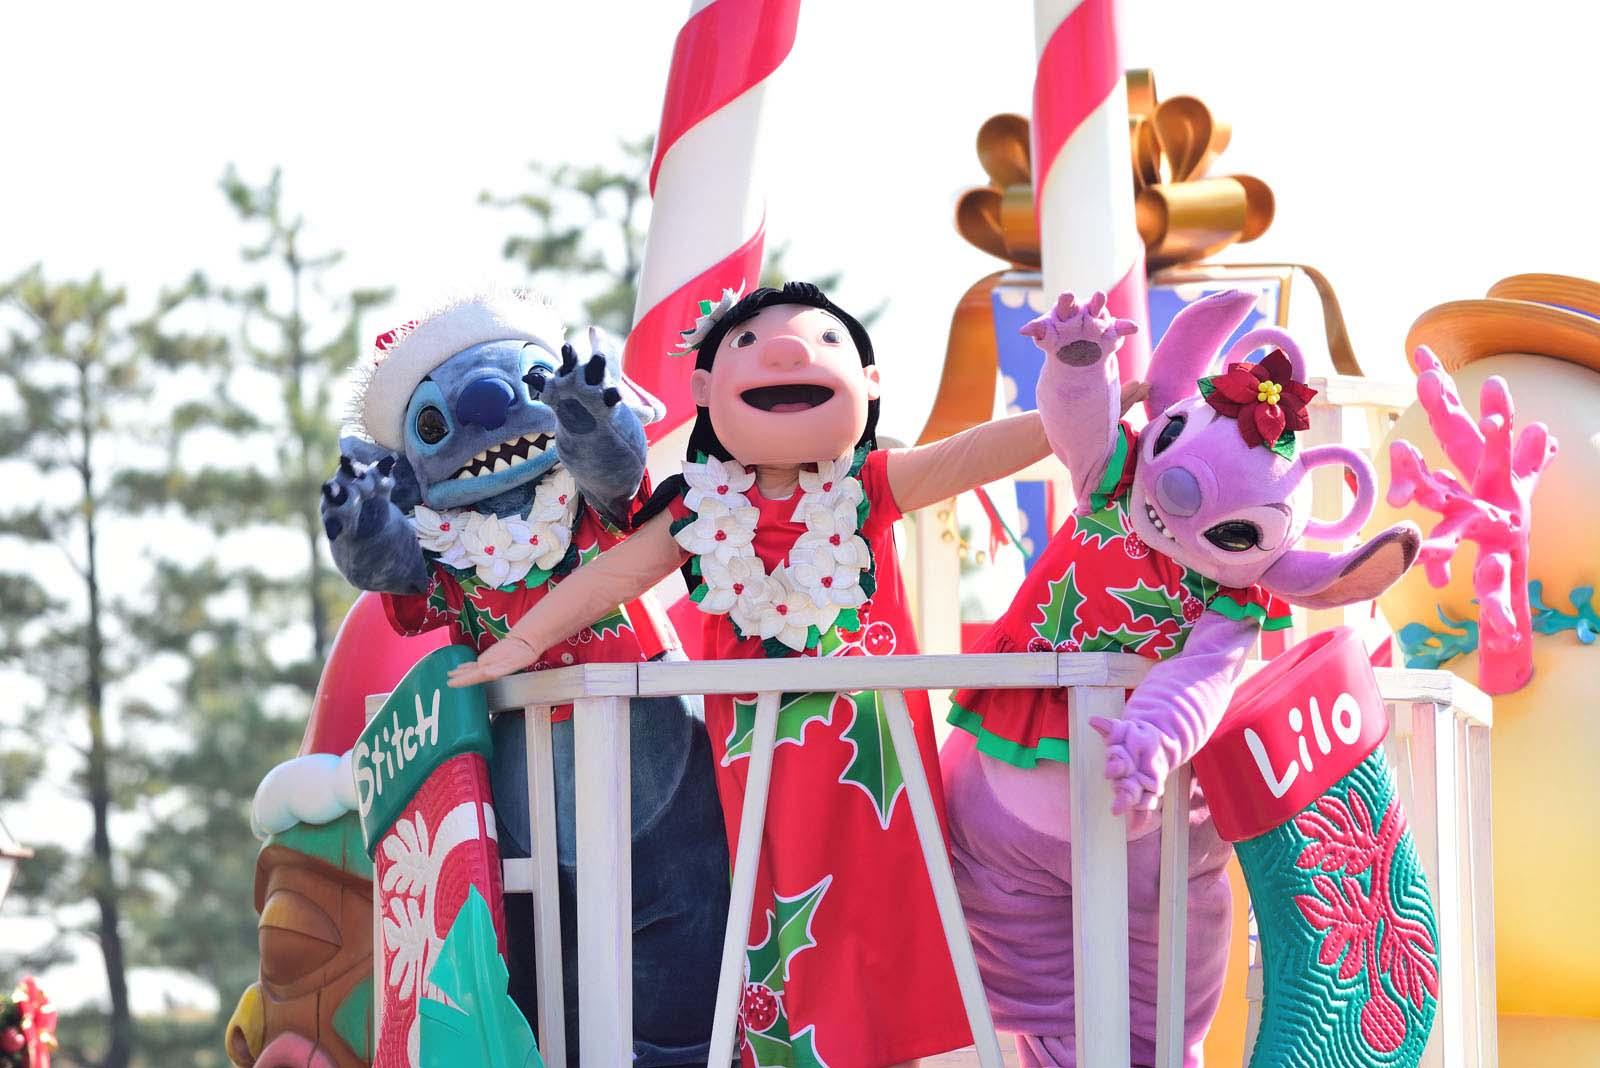 ディズニー・クリスマス・ストーリーズ2017 スティッチ リロ エンジェル